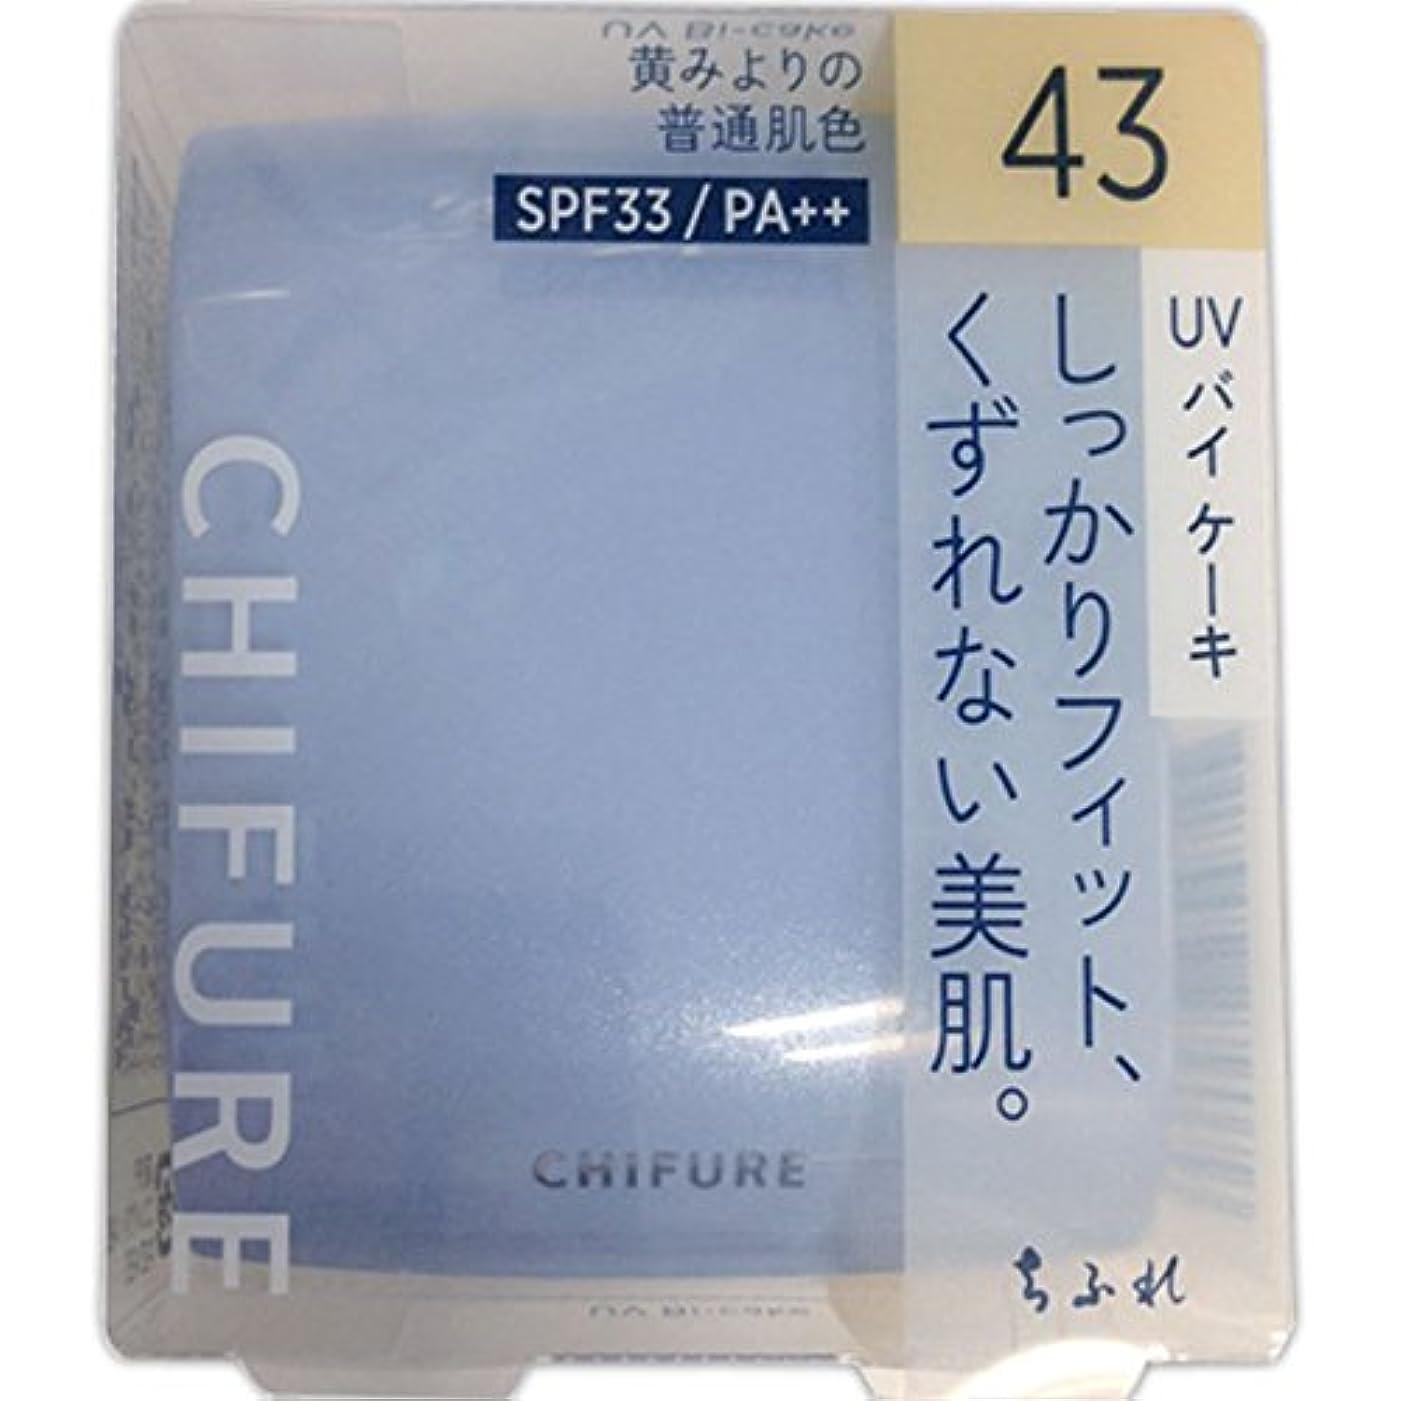 日光自明受益者ちふれ化粧品 UV バイ ケーキ(スポンジ入り) 43 黄みよりの普通肌色 43